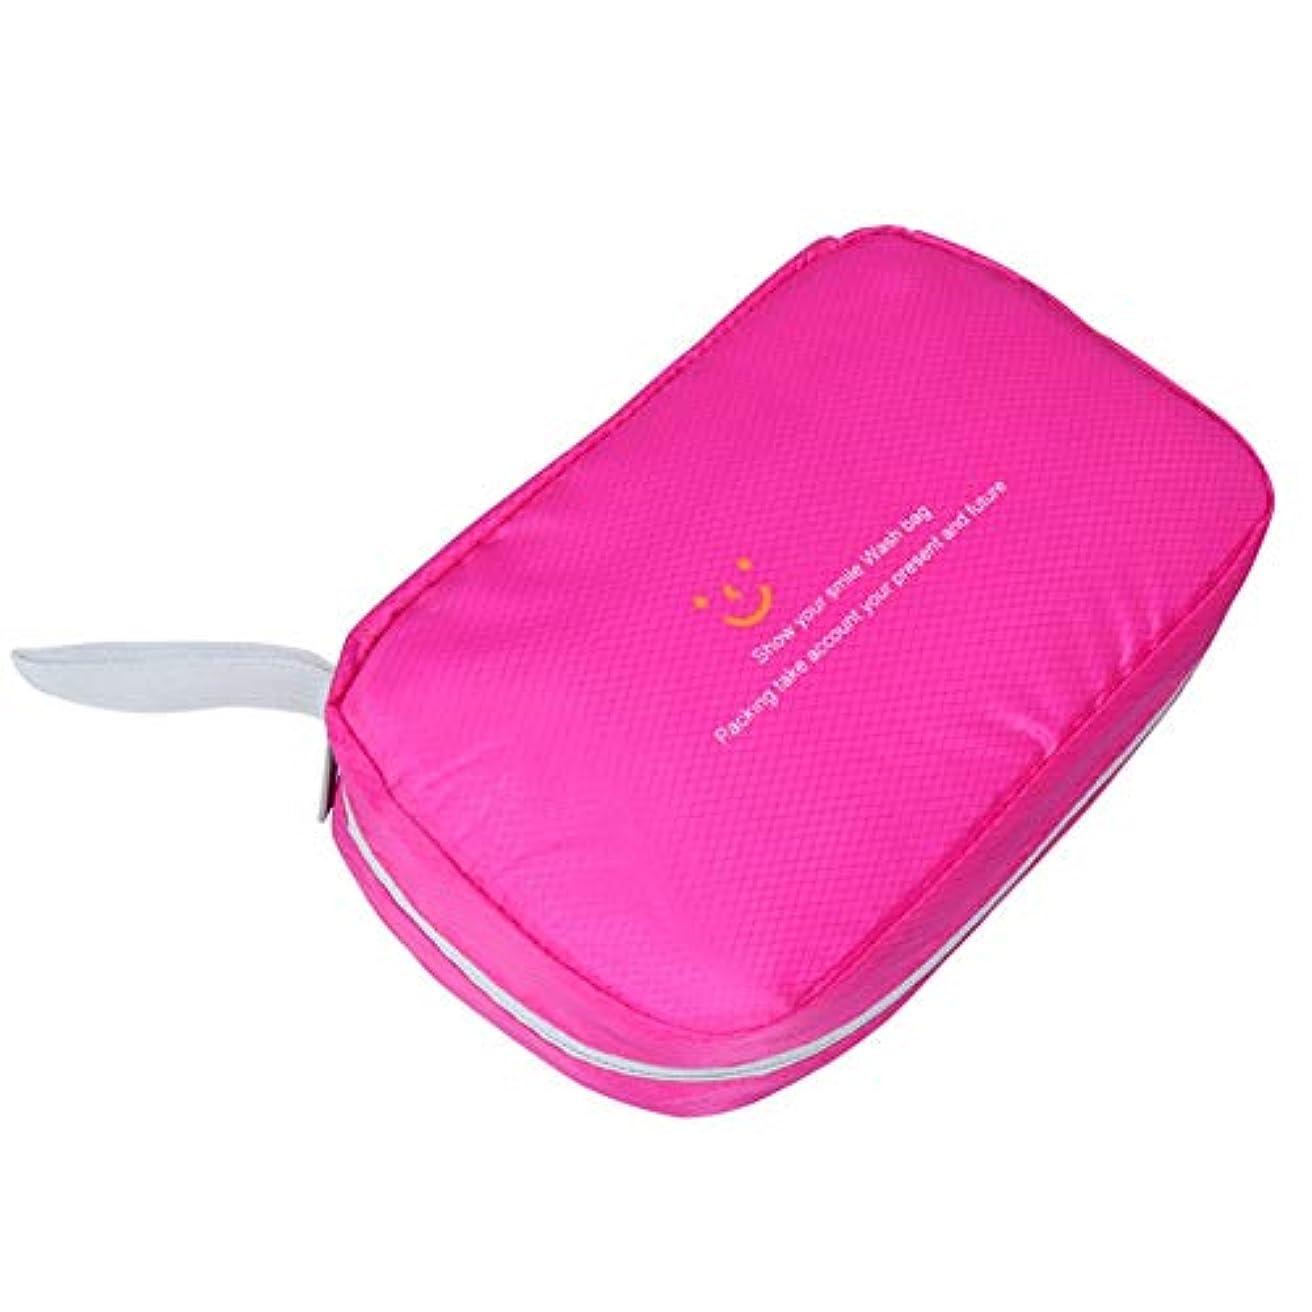 ギネス辛な四面体特大スペース収納ビューティーボックス 美の構造のためそしてジッパーおよび折る皿が付いている女の子の女性旅行そして毎日の貯蔵のための高容量の携帯用化粧品袋 化粧品化粧台 (色 : ピンク)